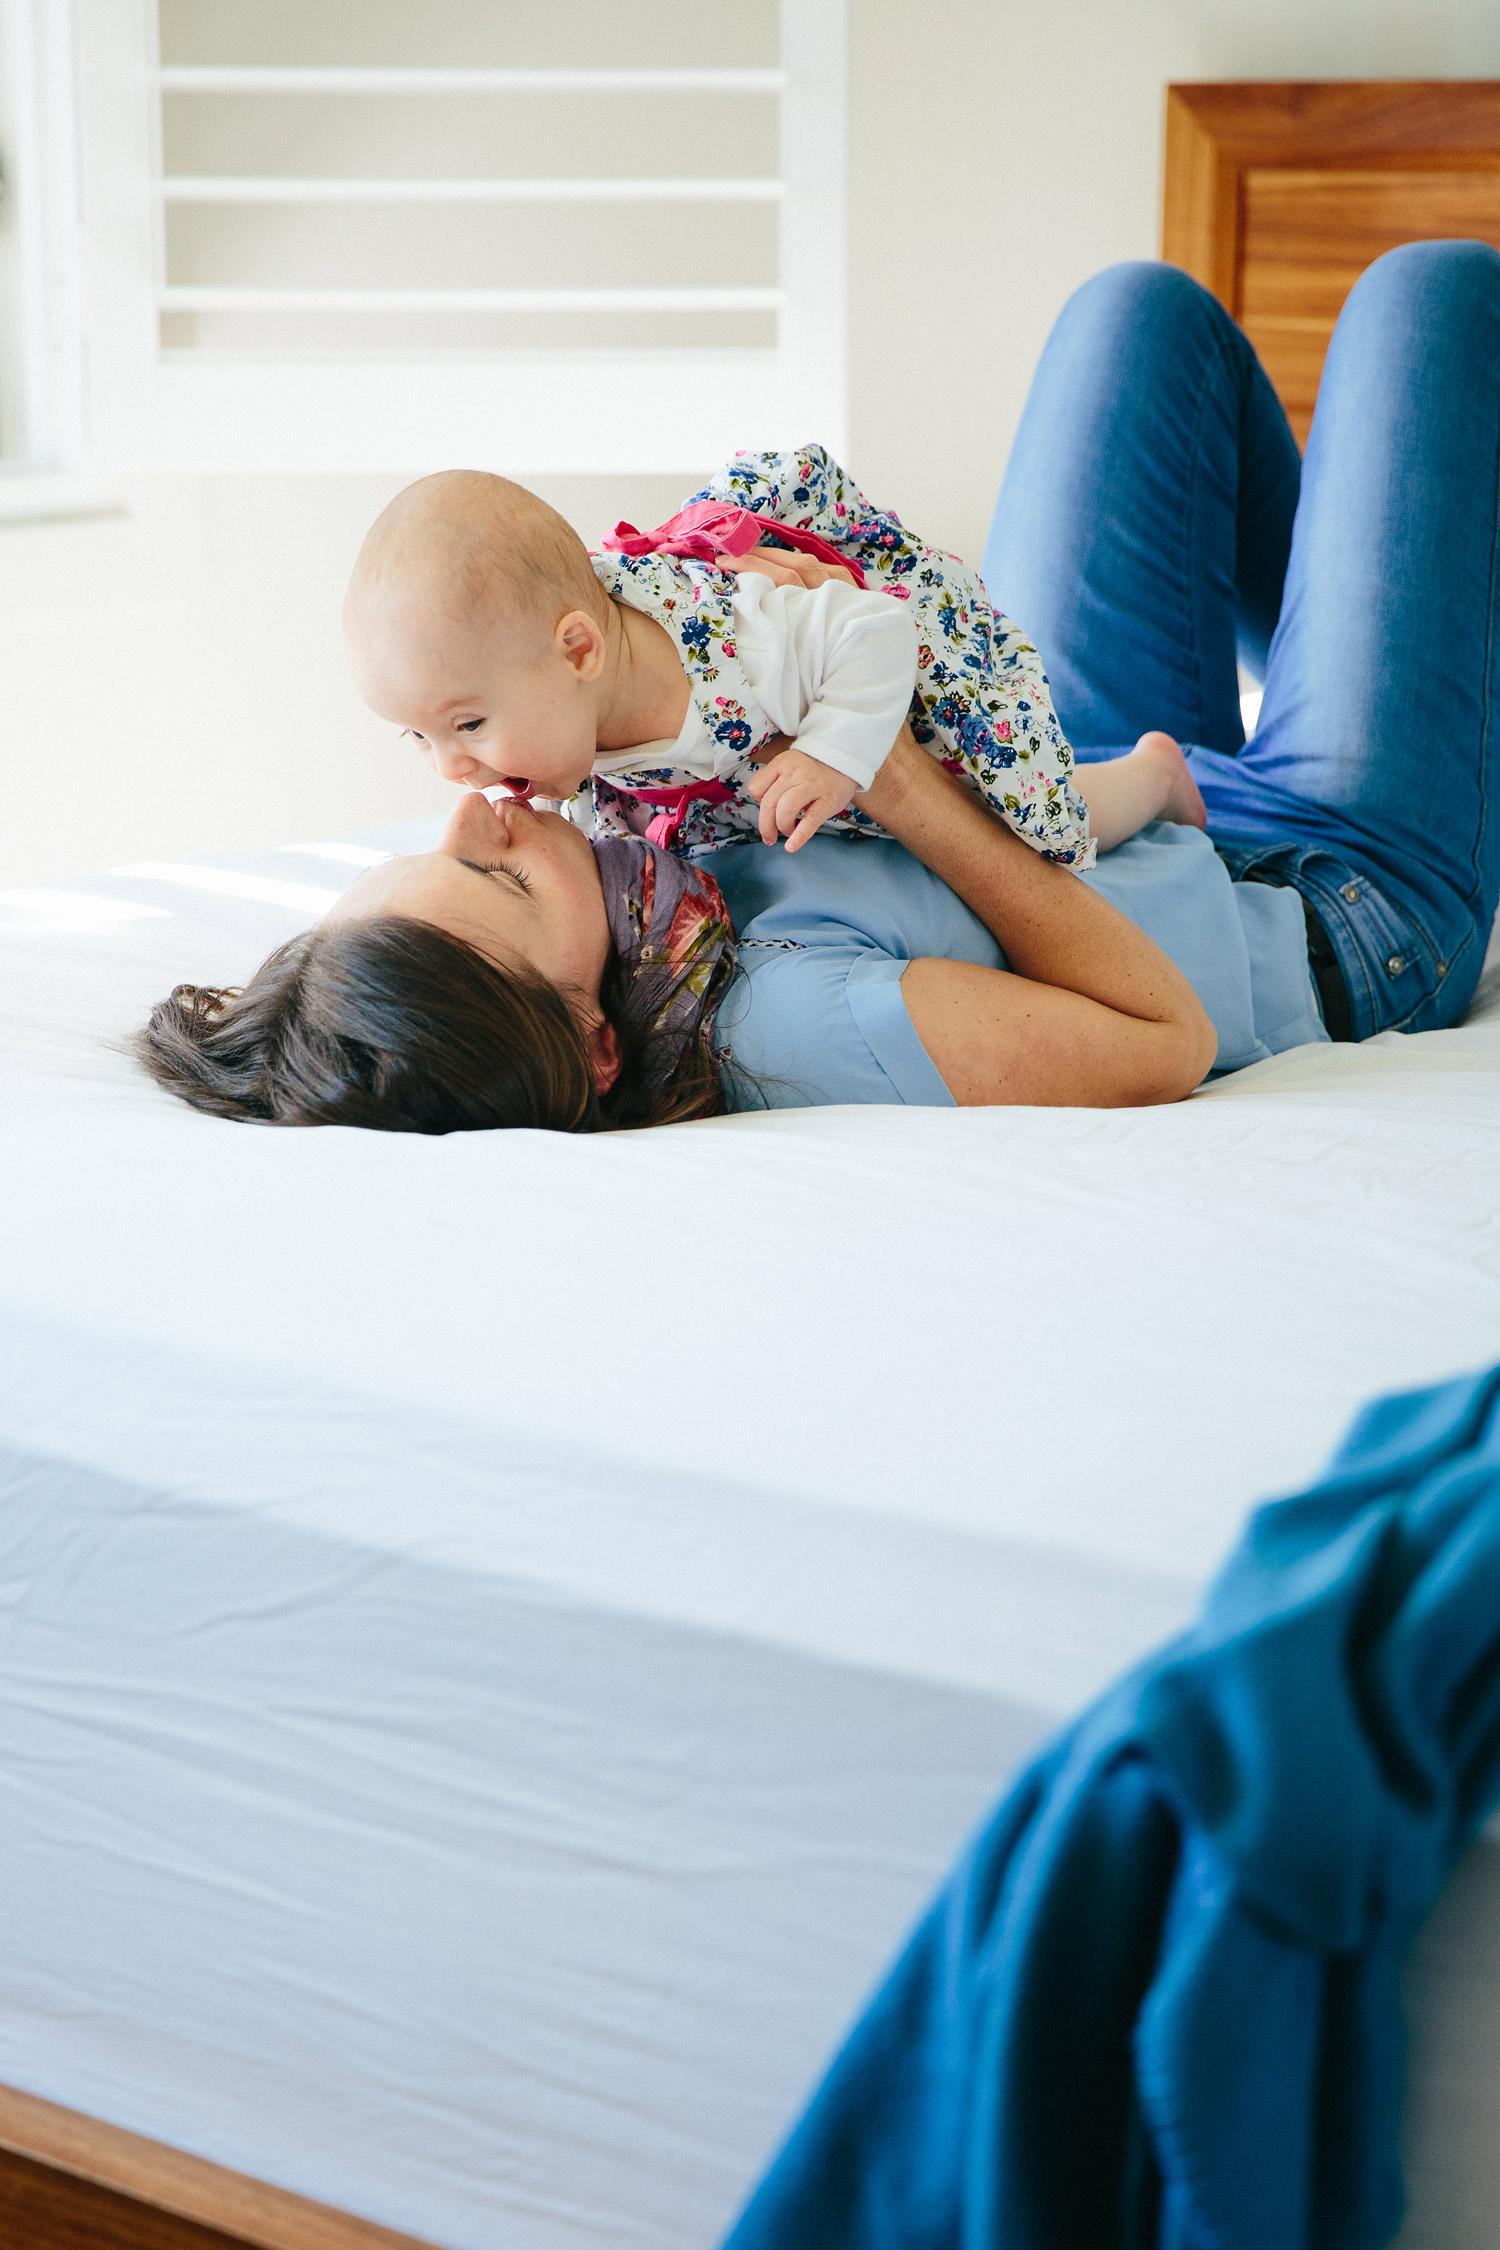 Baby-photographer-Central-Coast-Candid-family-photos-2.jpg